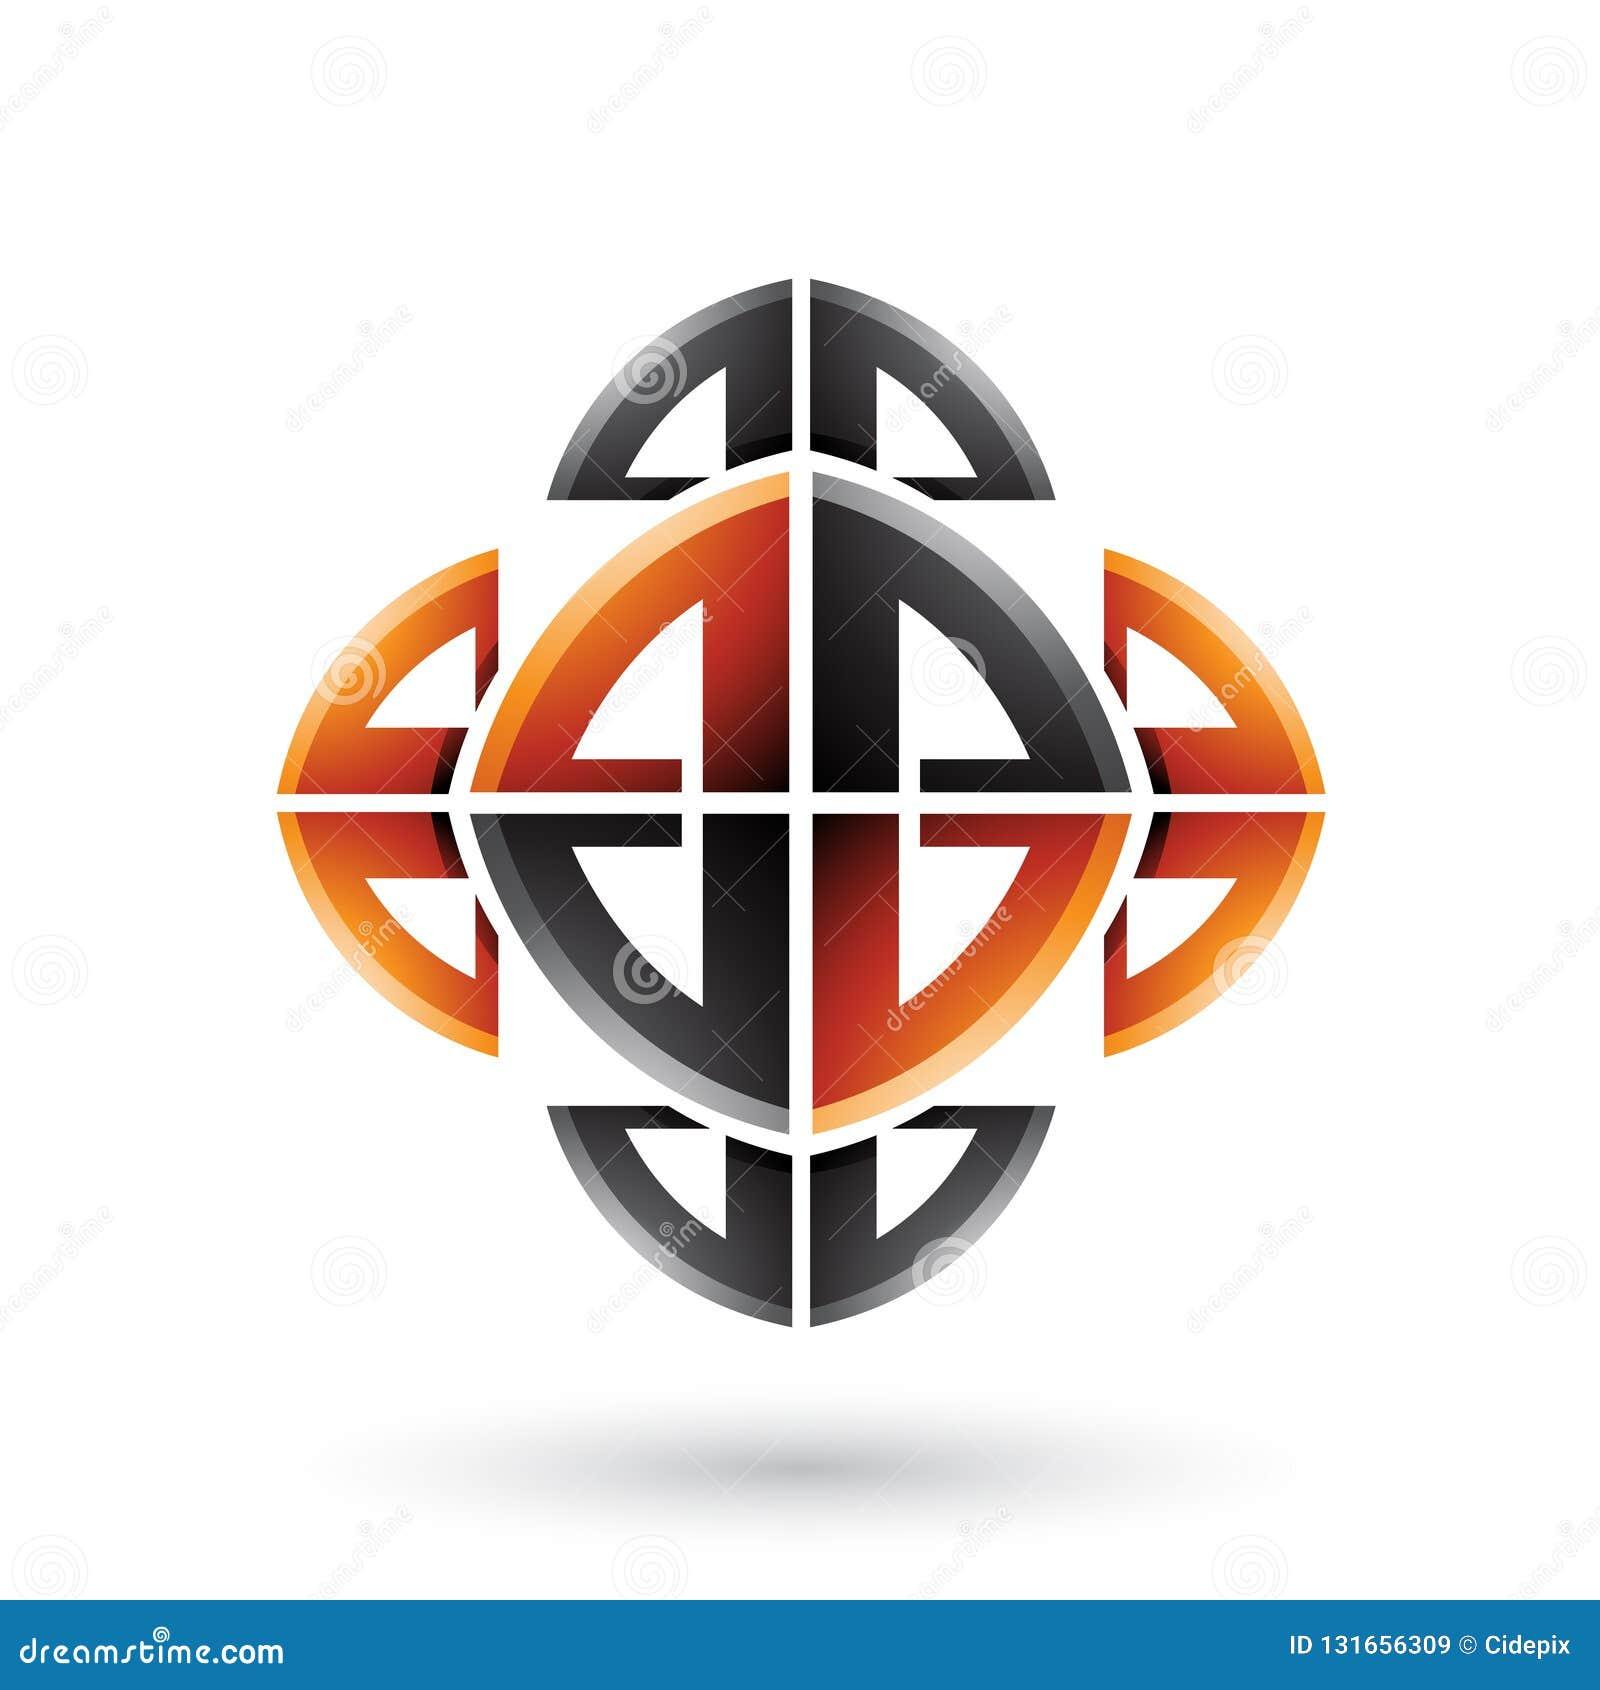 Schwarze und orange abstrakte dekorative Bogen-Formen lokalisiert auf einem weißen Hintergrund